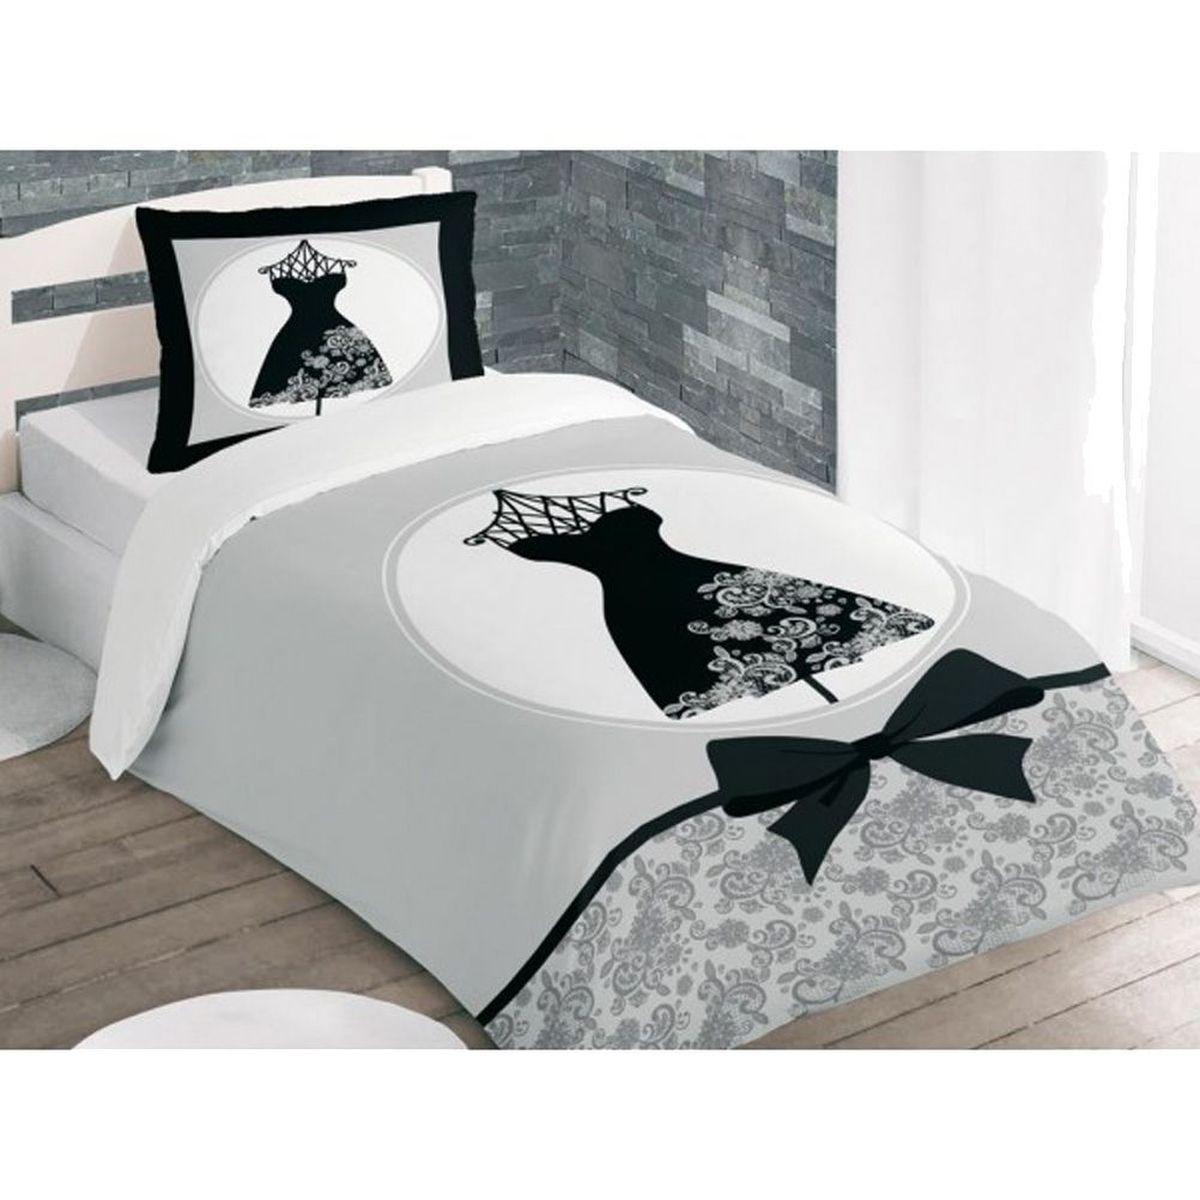 Black dress bedclothes 140 x 200 cm for Parure couette 140x200